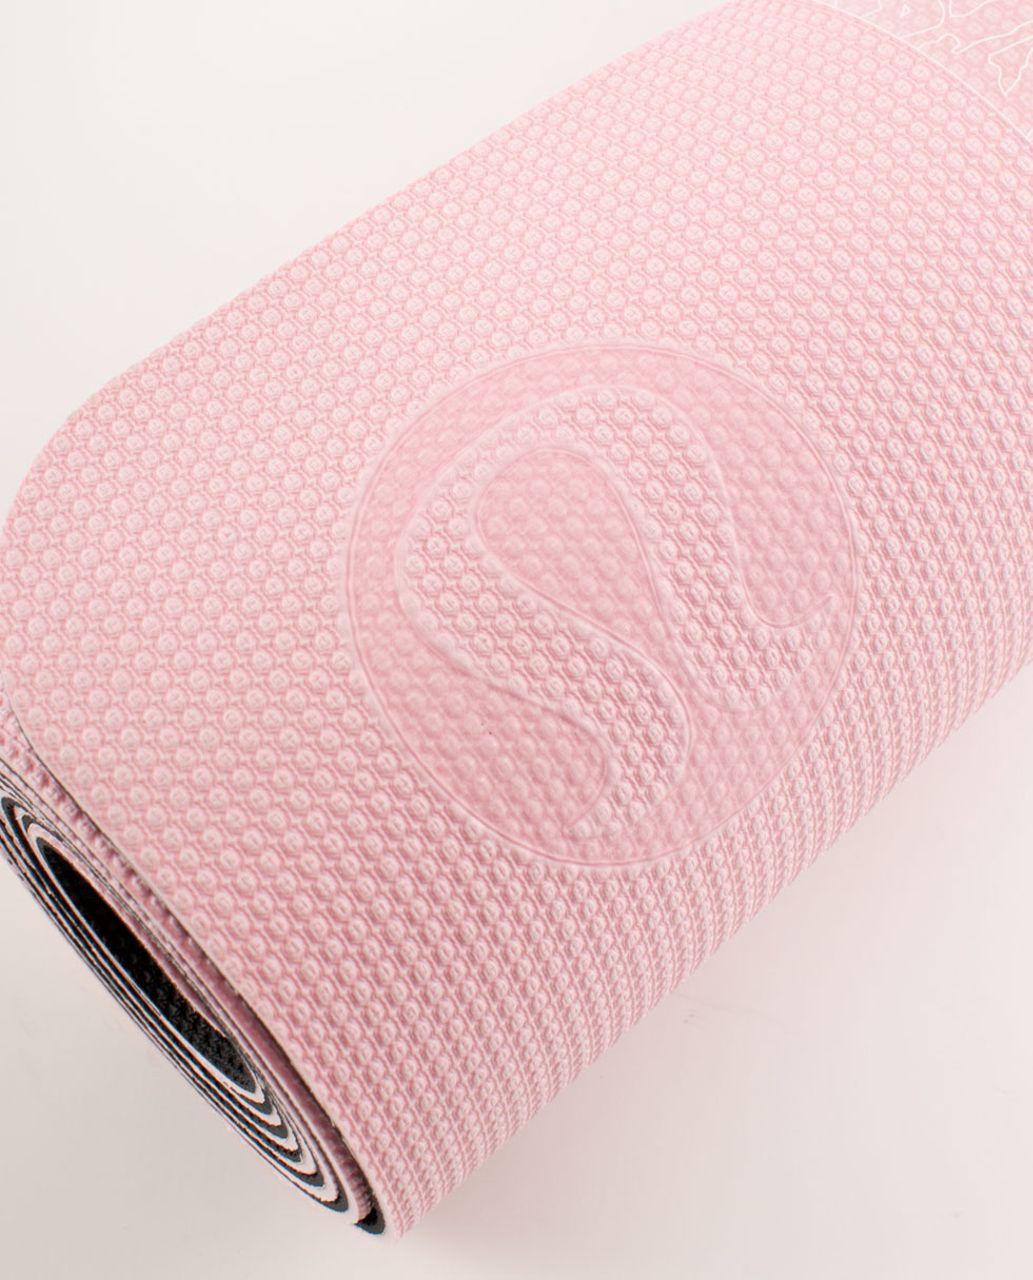 Lululemon Align Ultra Mat - Pig Pink /  Deep Coal